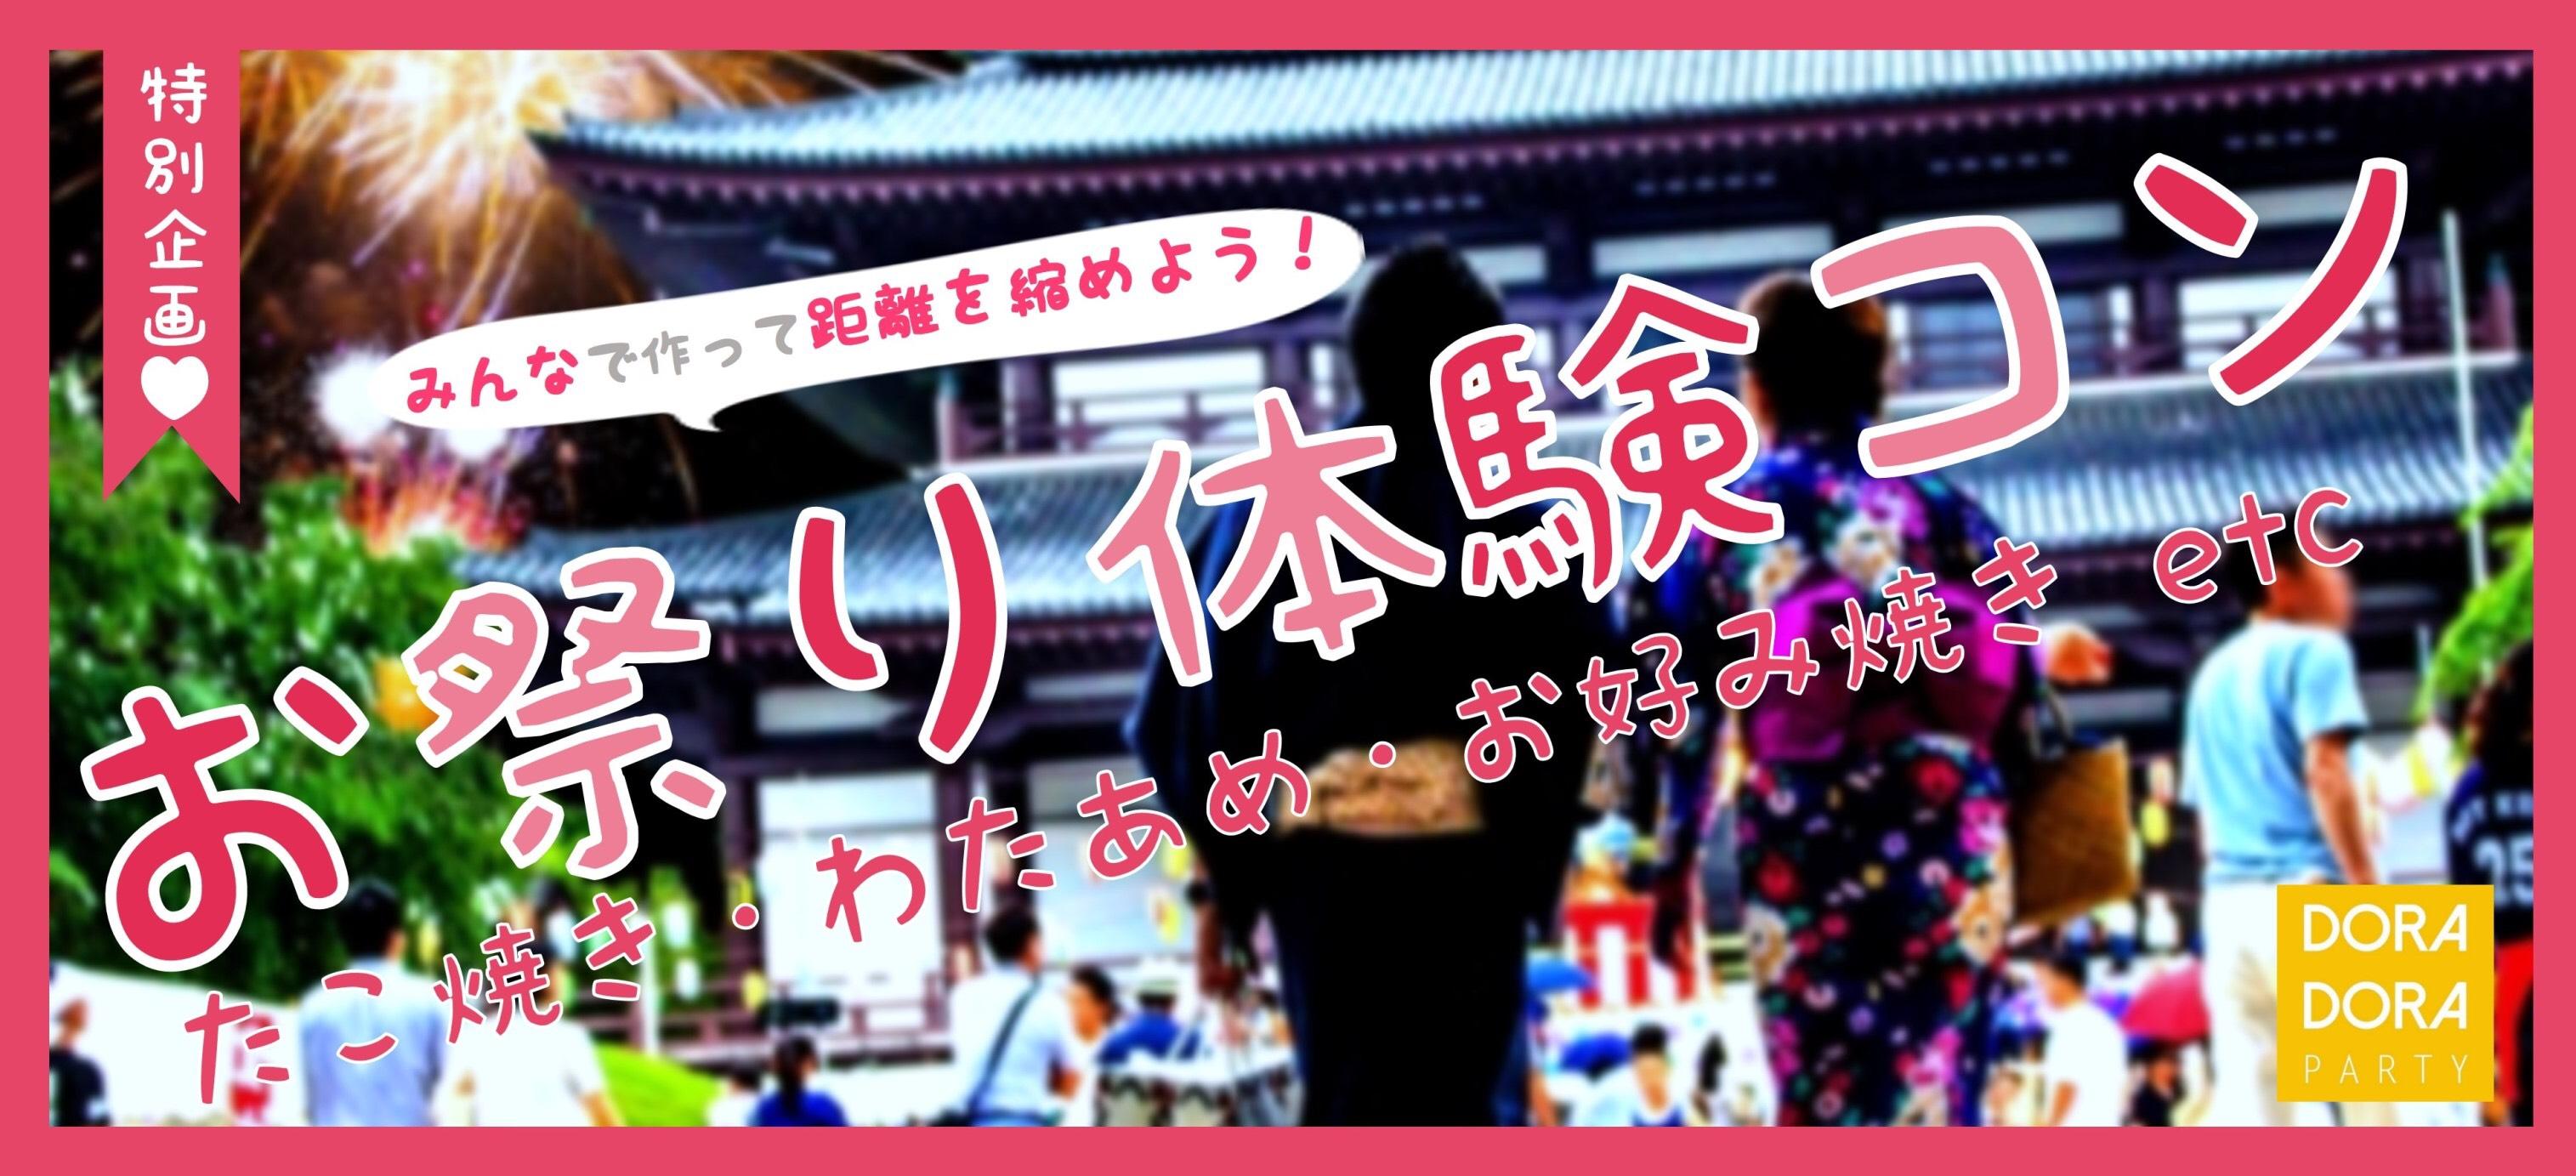 9/24 話題のゆる恋活☆ 20代限定!共同作業で話題に困らない若者に大人気の出会える屋台フード料理コン